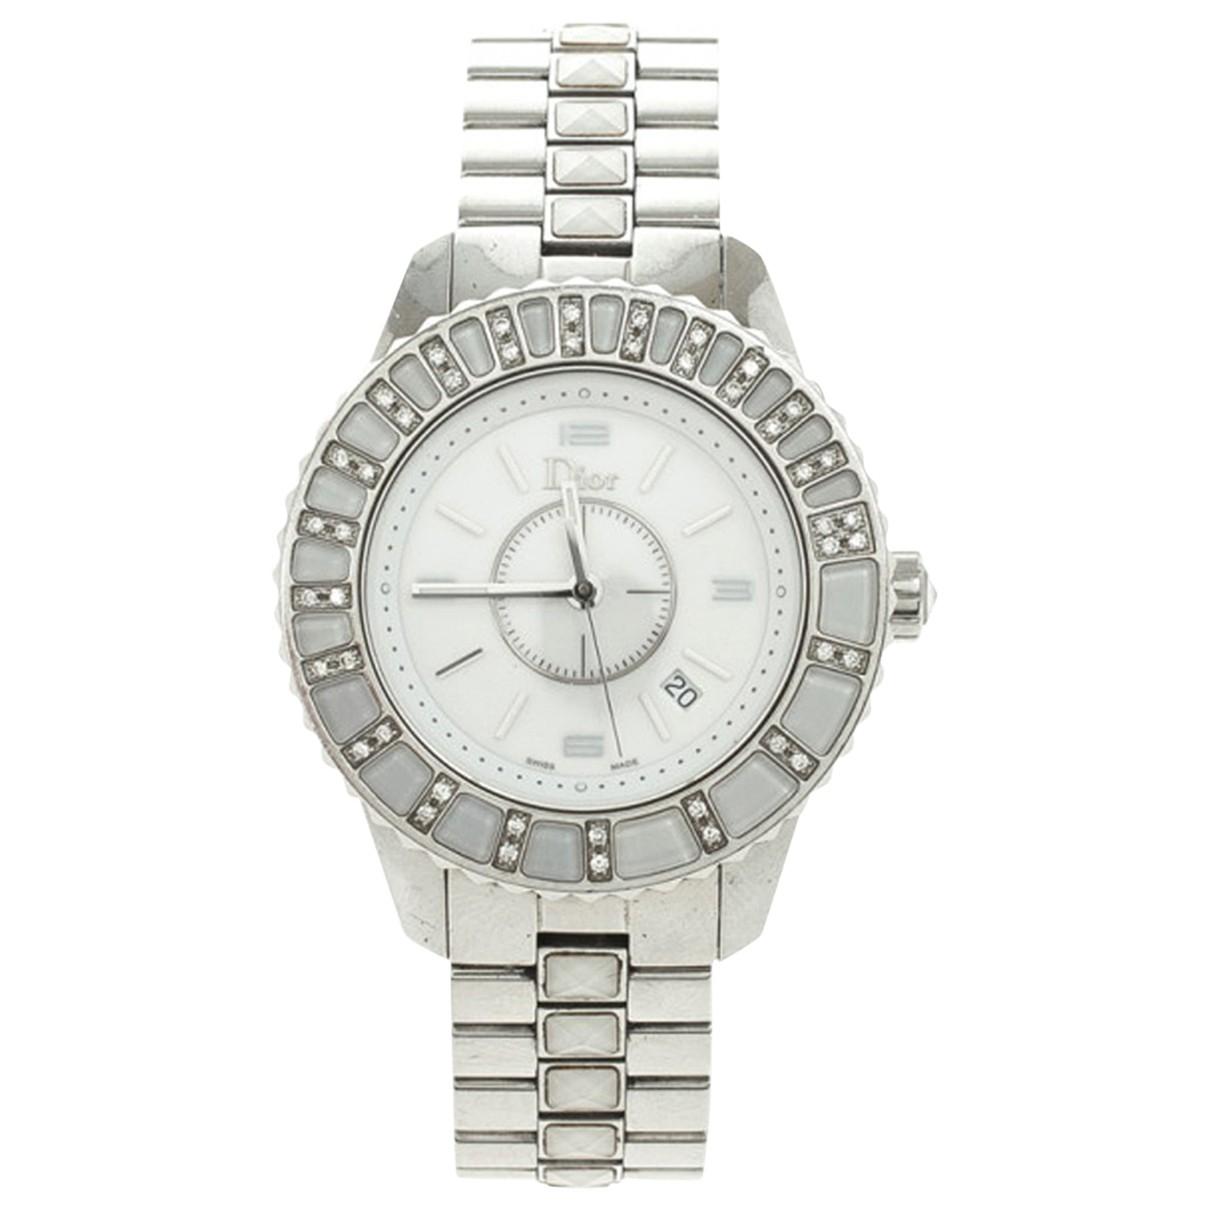 Dior Christal Uhr in  Silber Stahl